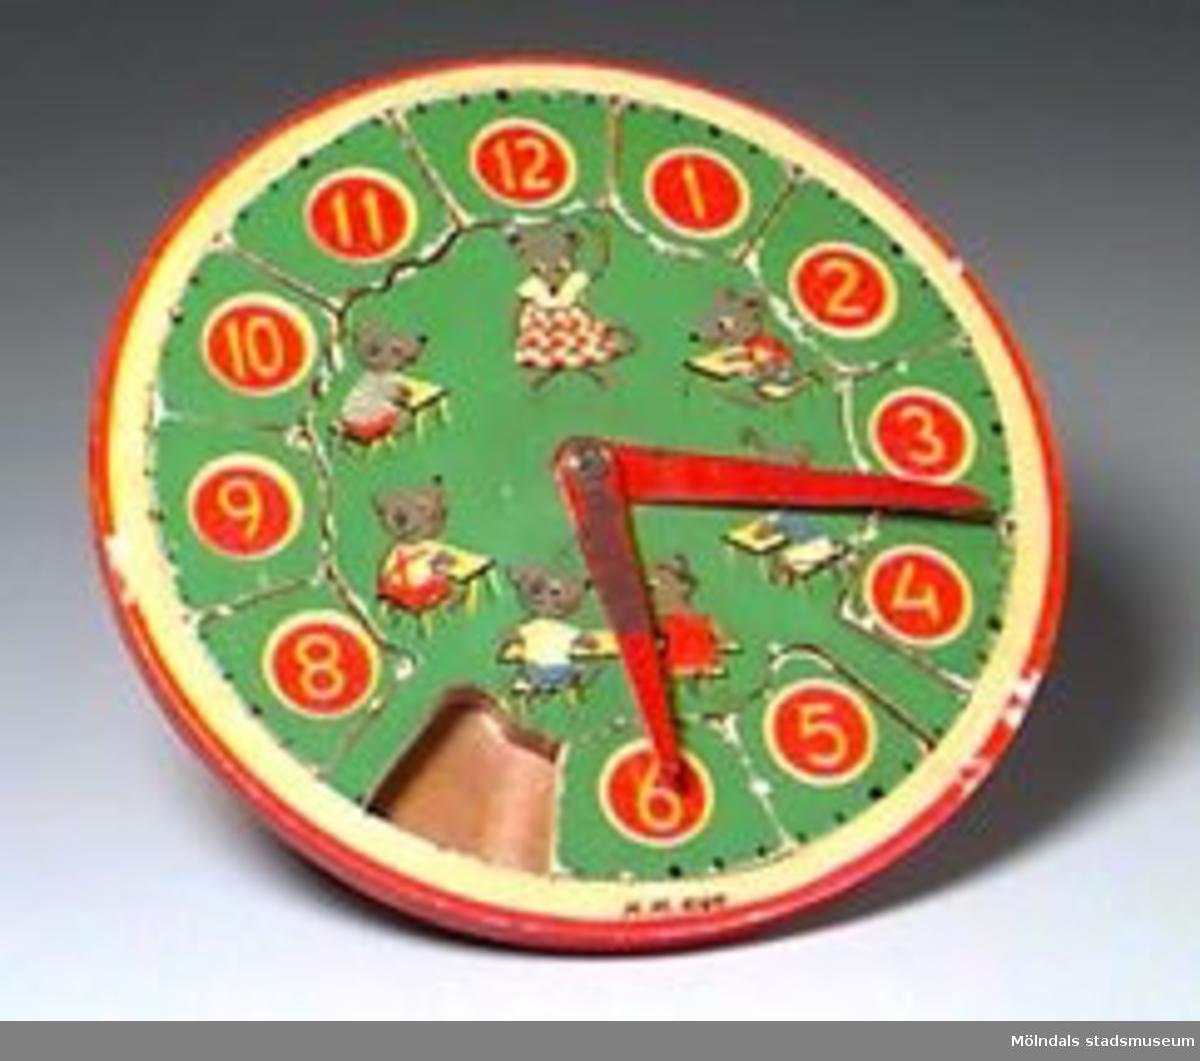 Pusslet är tillverkat i form av en klocka med rörliga visare. Siffrorna 1-12 bildar pusselbitar, som skall läggas på plats. Biten med klockslaget sju fattas. Märkt: IN HOLLAND.